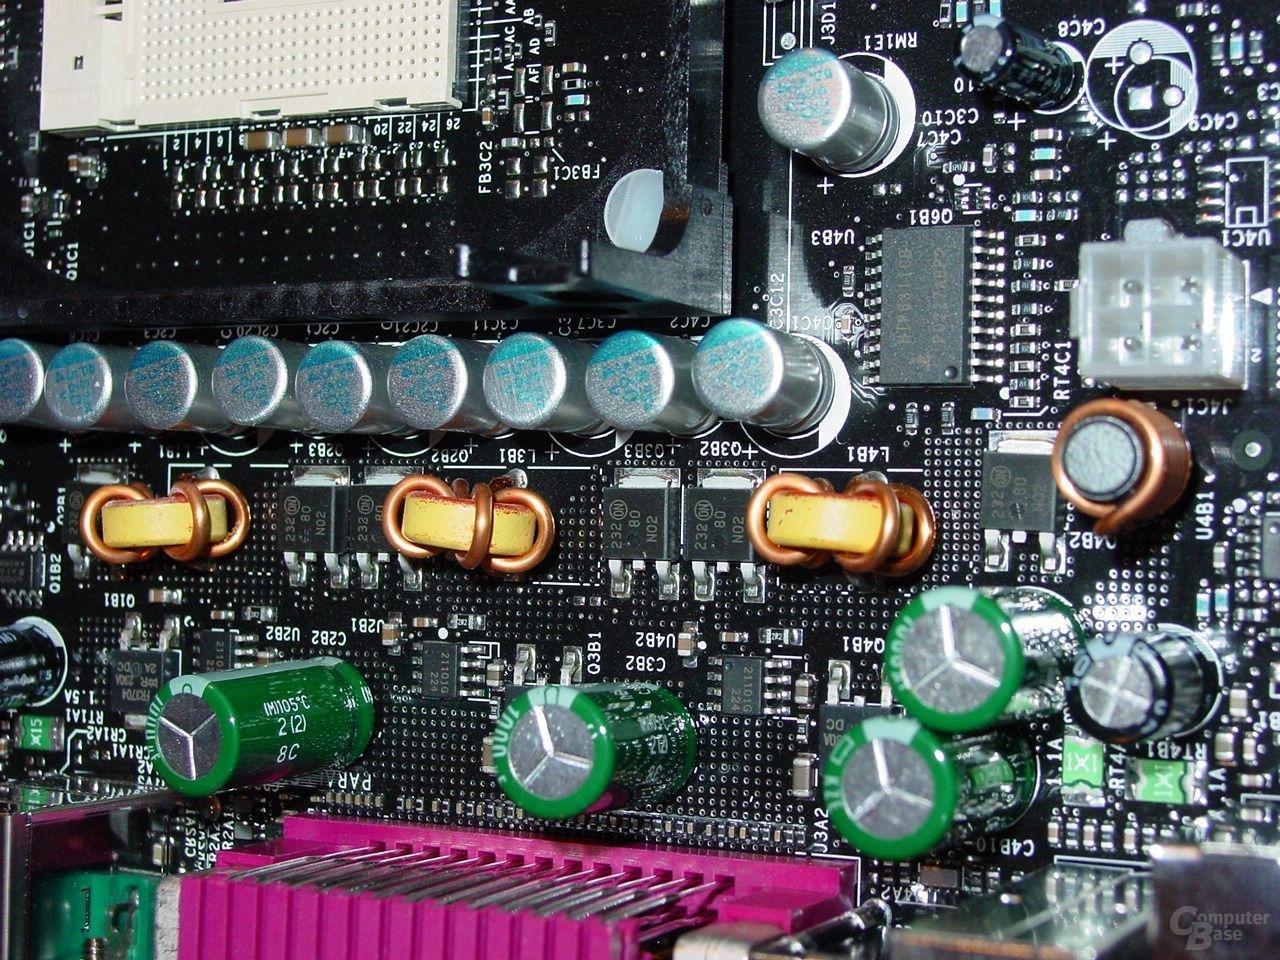 D845PEBT2 - Spannungsregulatoren